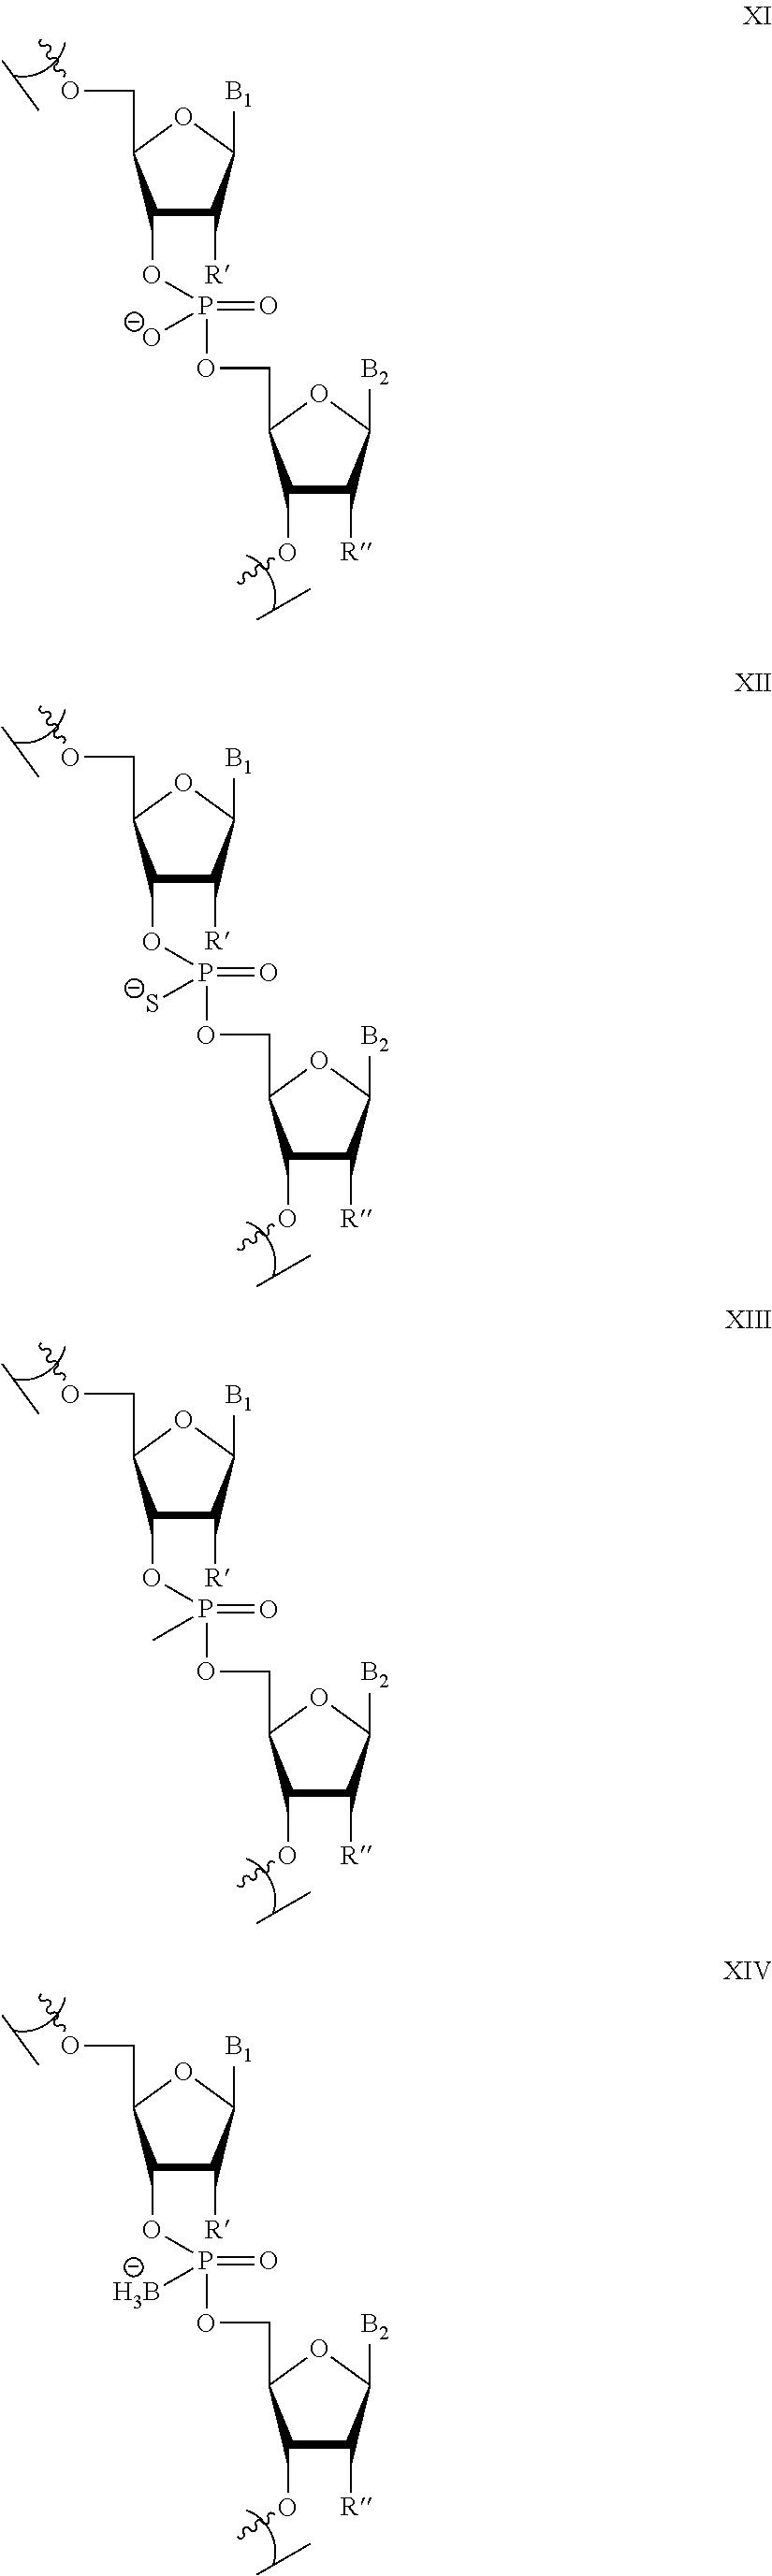 Figure US20110118339A1-20110519-C00025